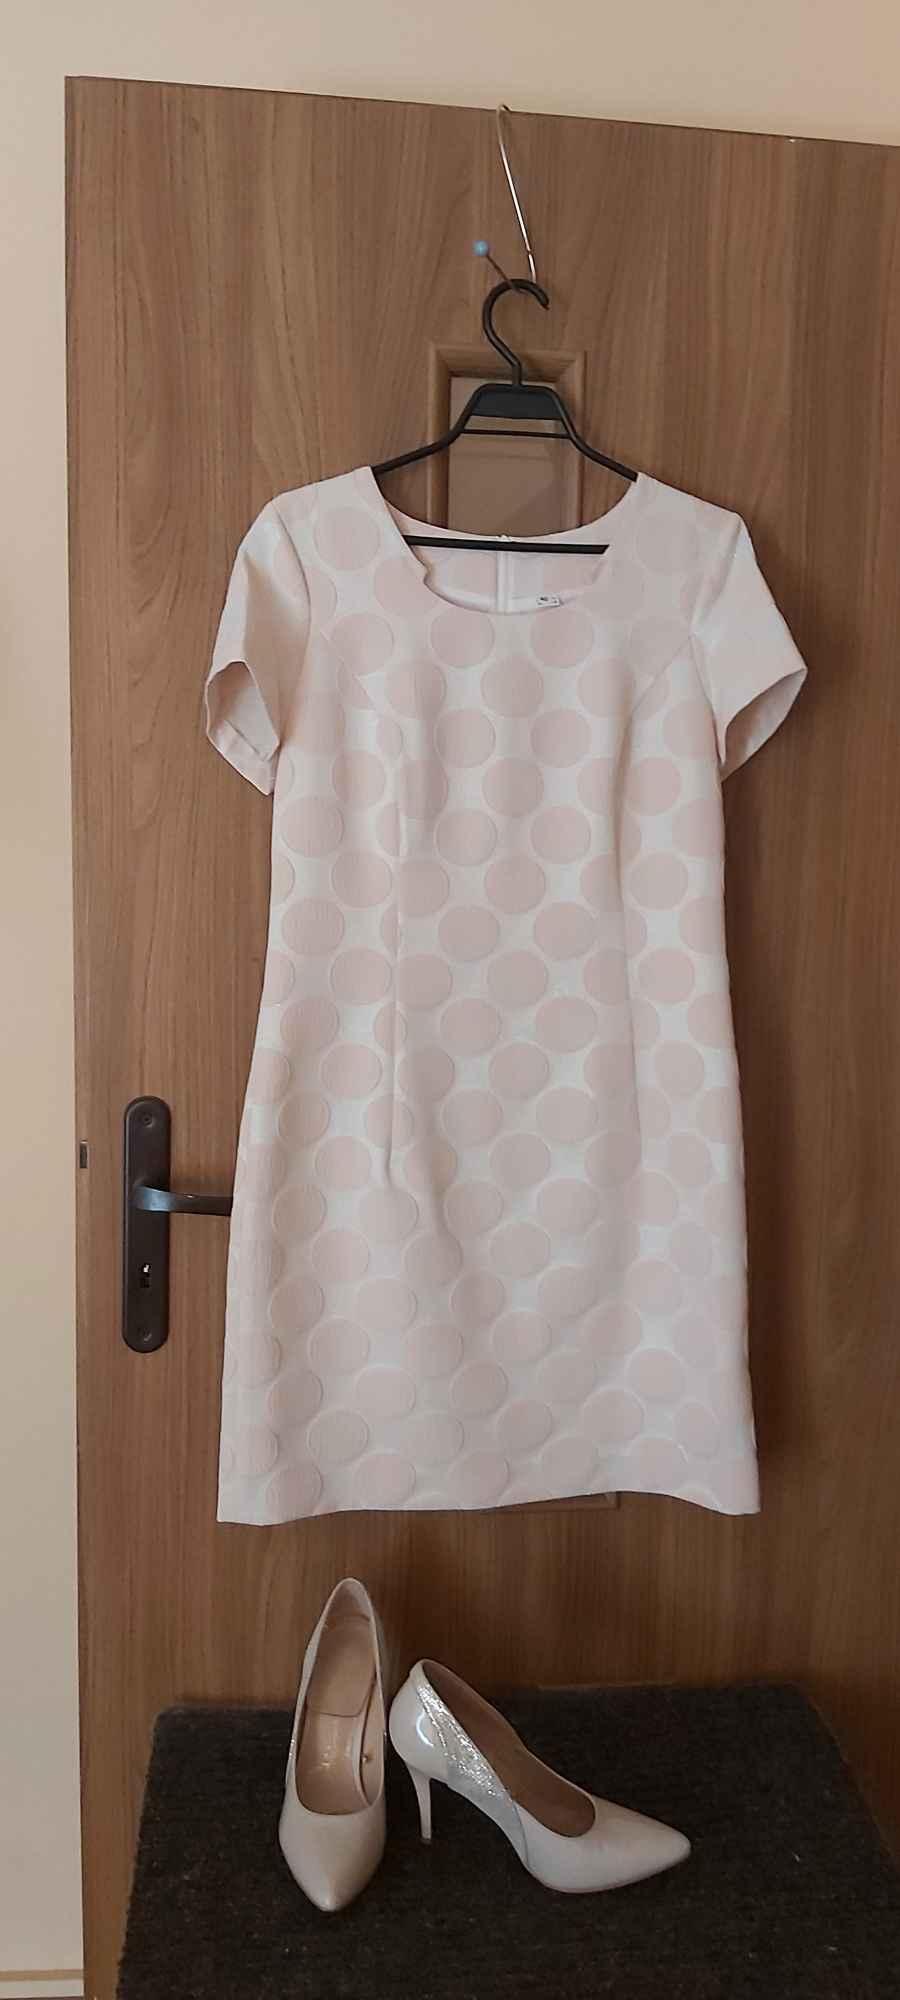 Ubrania sukienki Częstochowa - zdjęcie 2